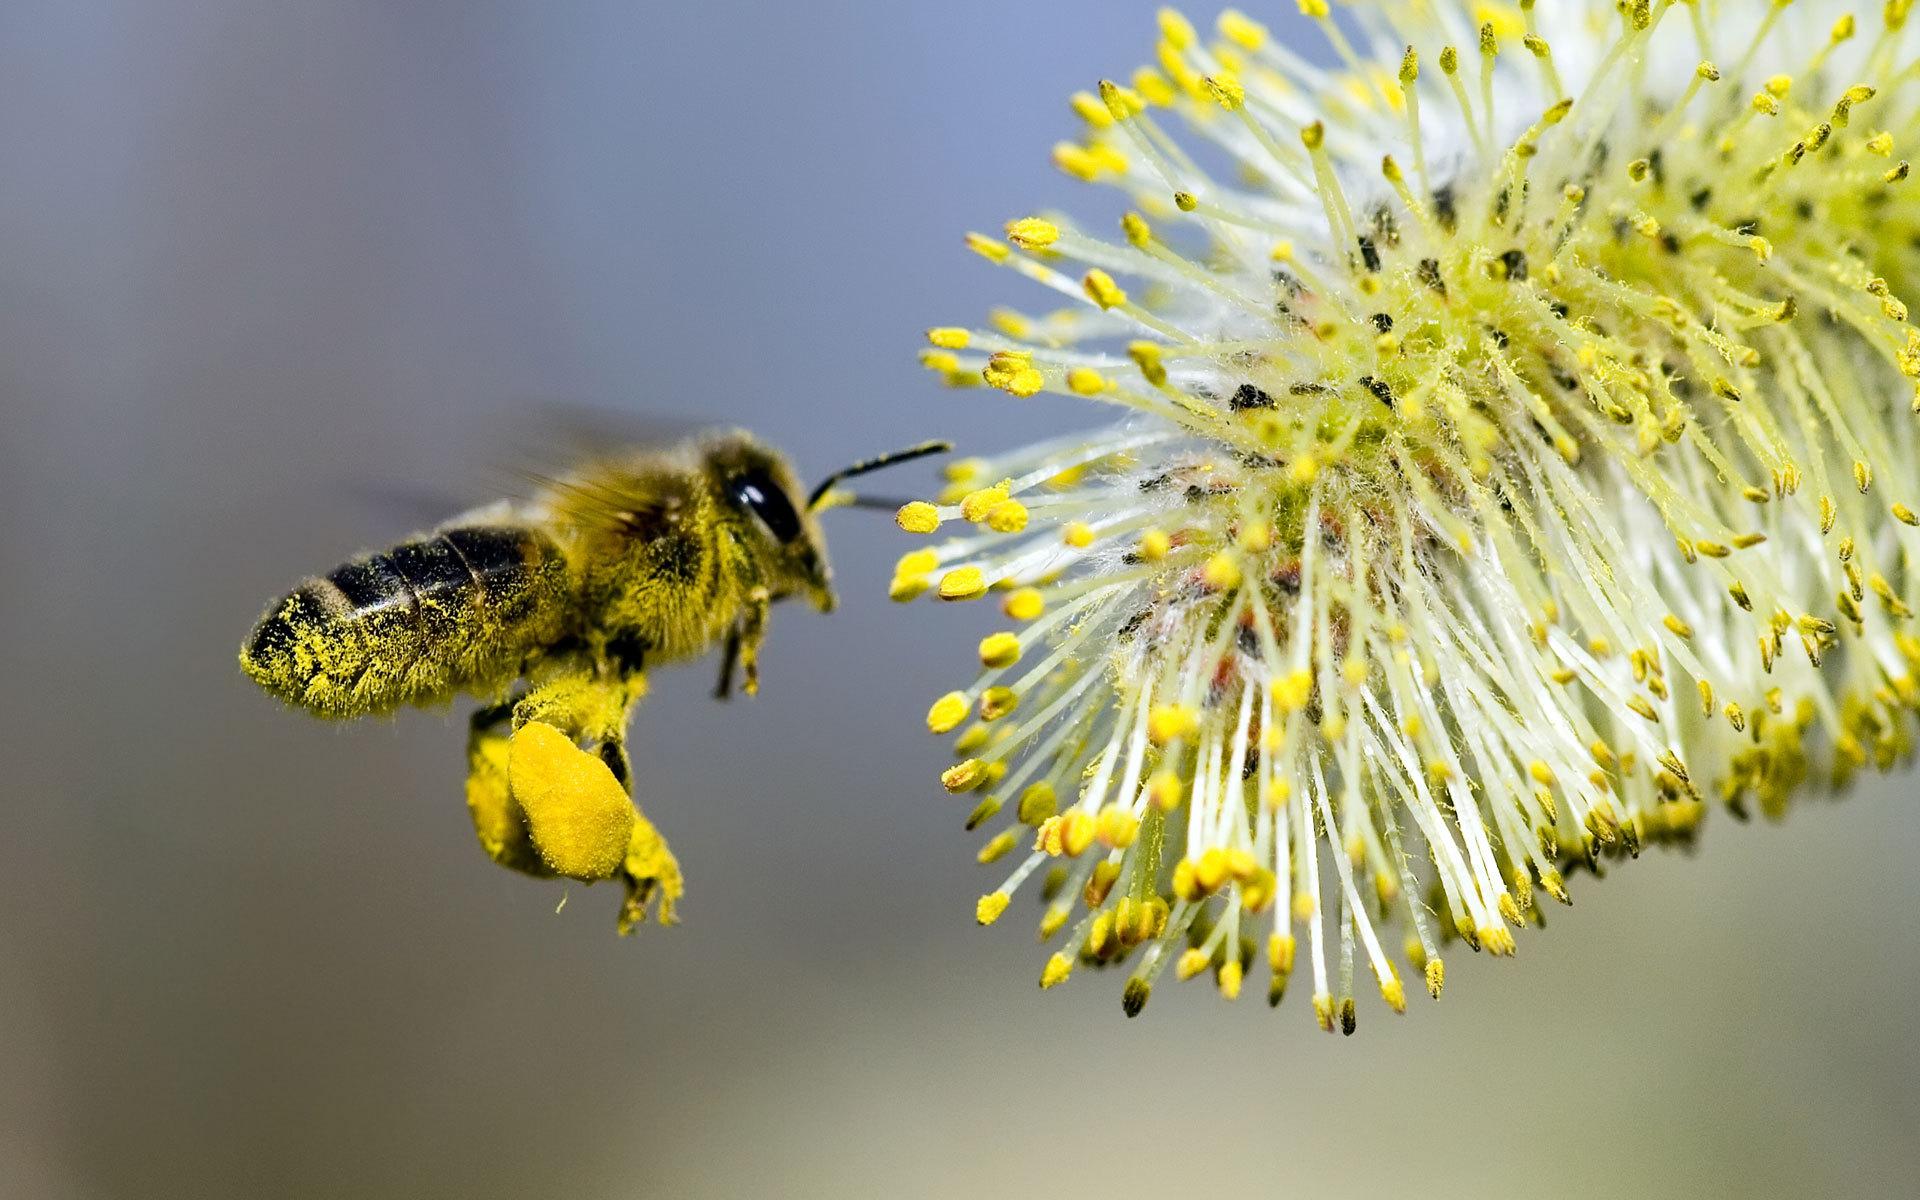 Pourquoi avons nous besoin des abeilles alimentation - Qu est ce qui fait fuir les abeilles ...